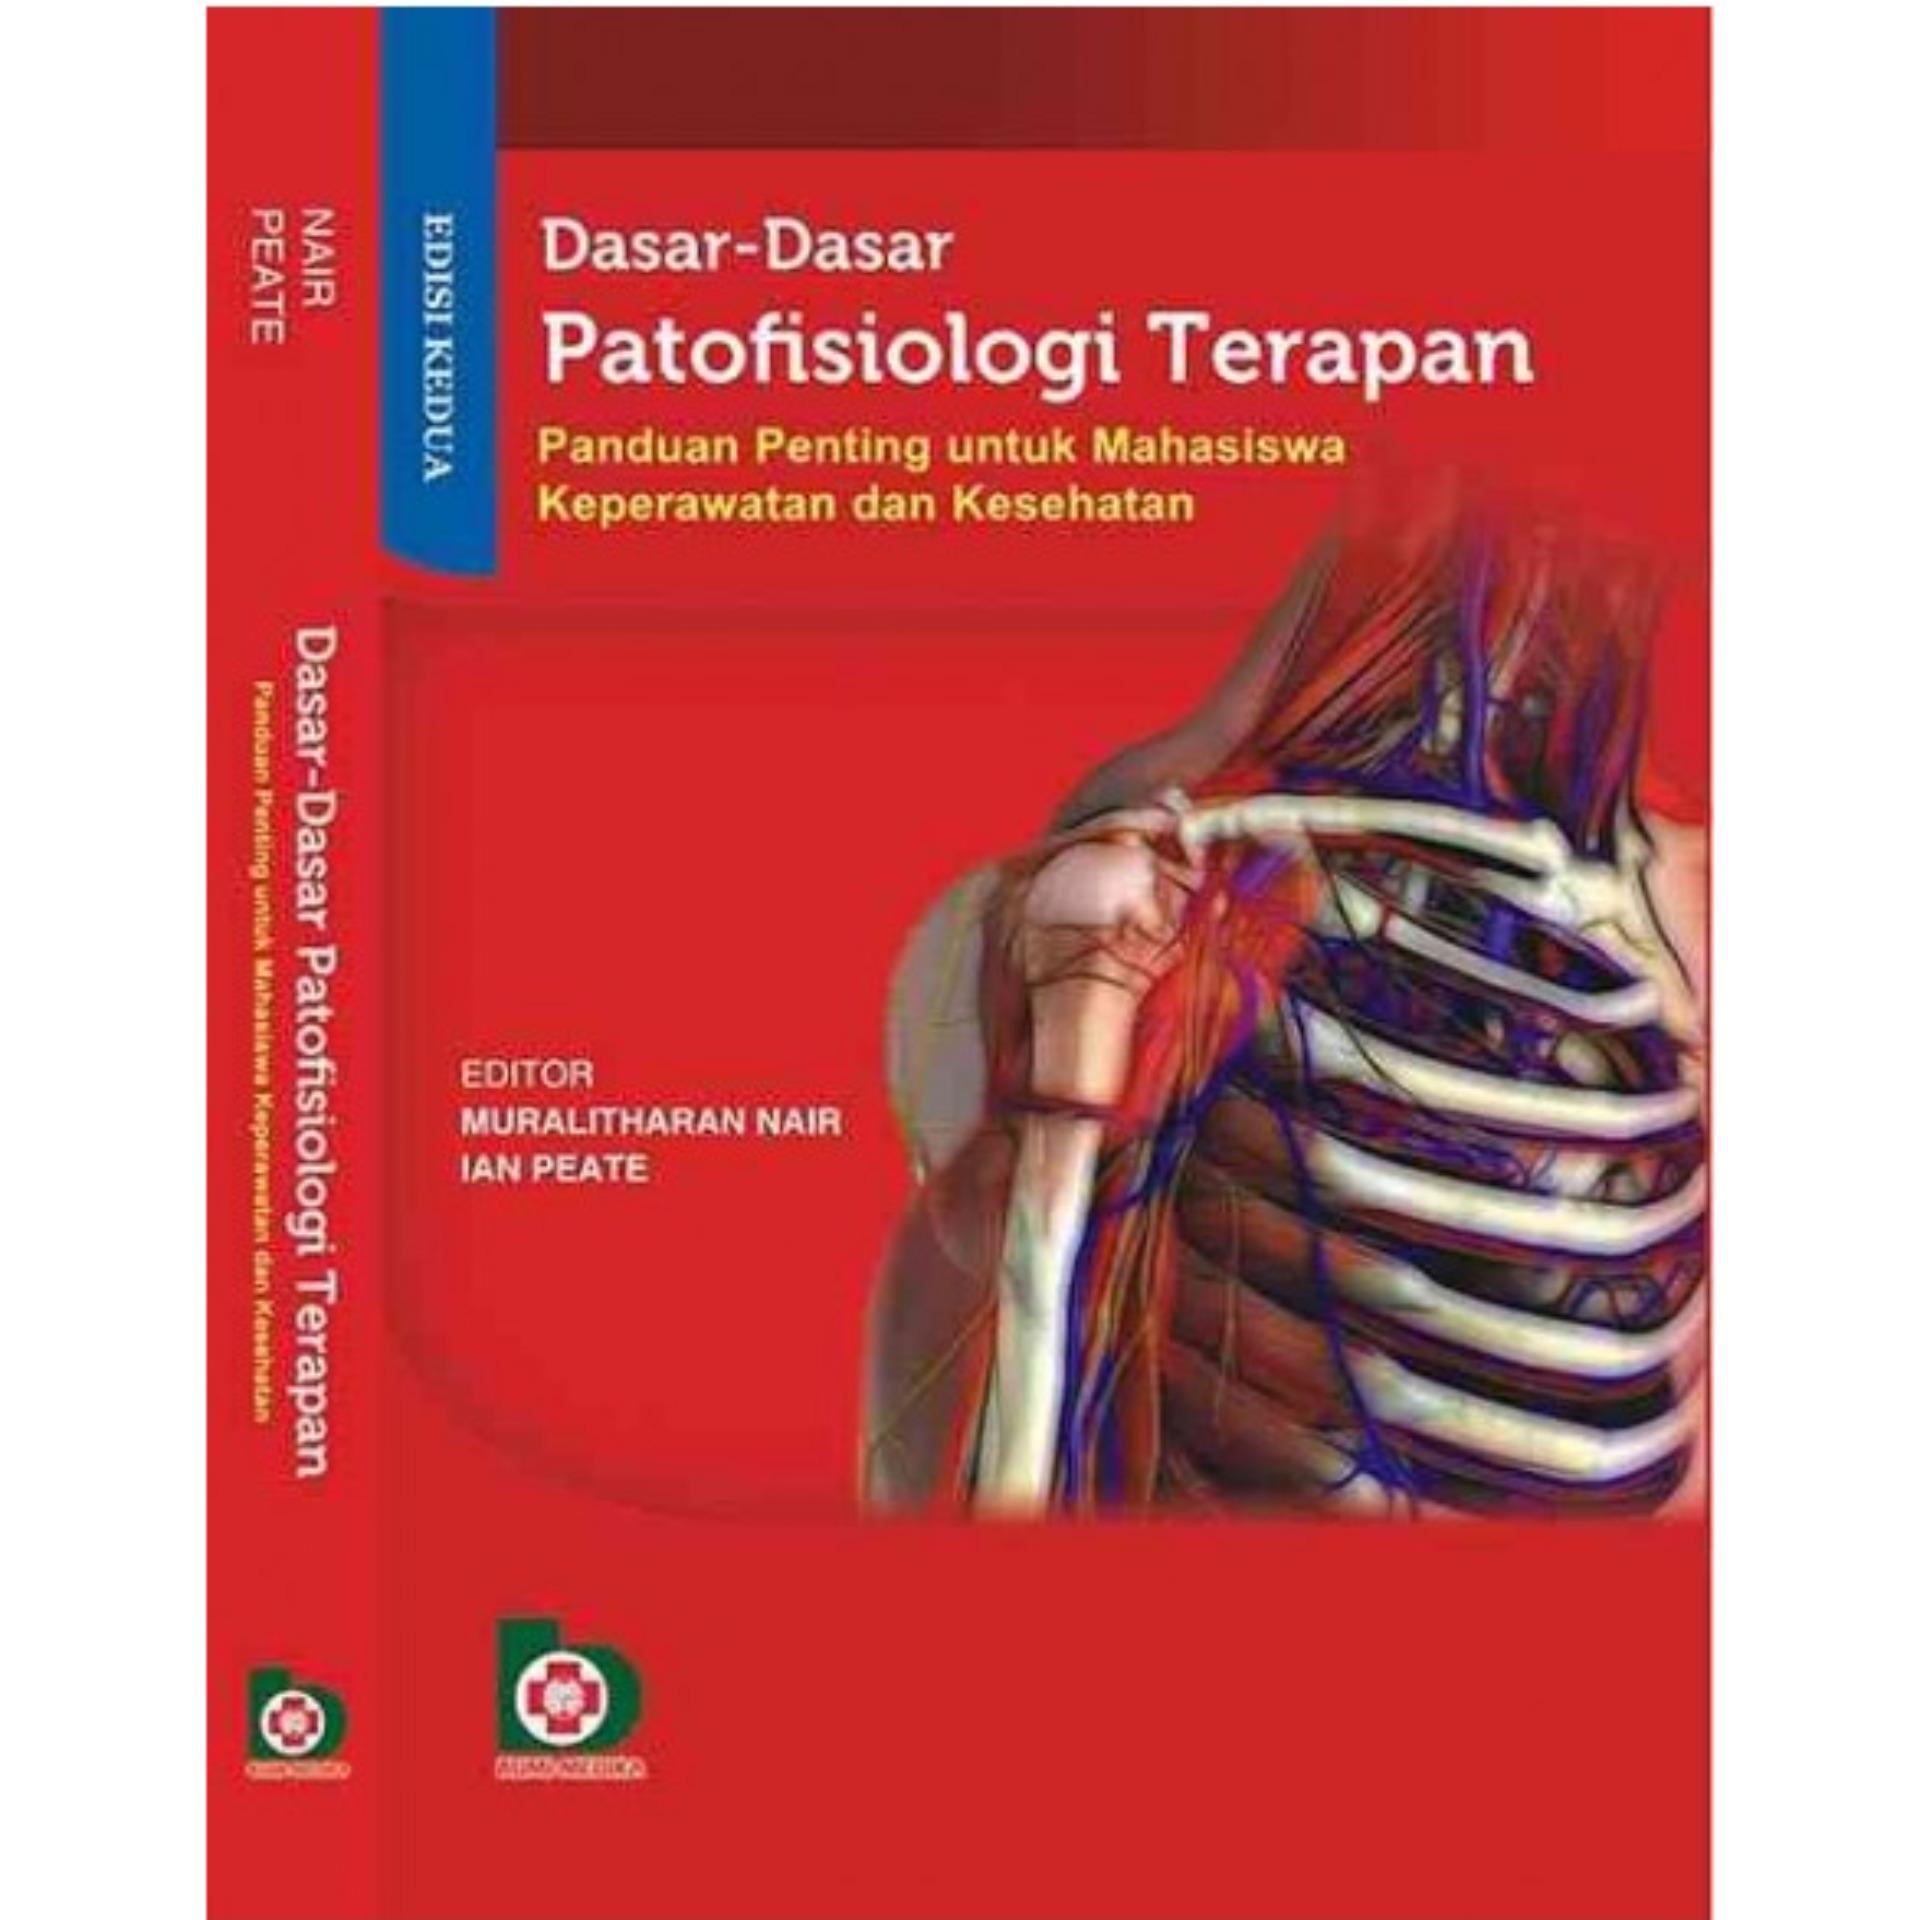 Buku Dasar-Dasar Patofisiologi Terapan (Panduan Penting untuk Mahasiswa Keperawatan dan Kesehatan, Edisi Kedua) -